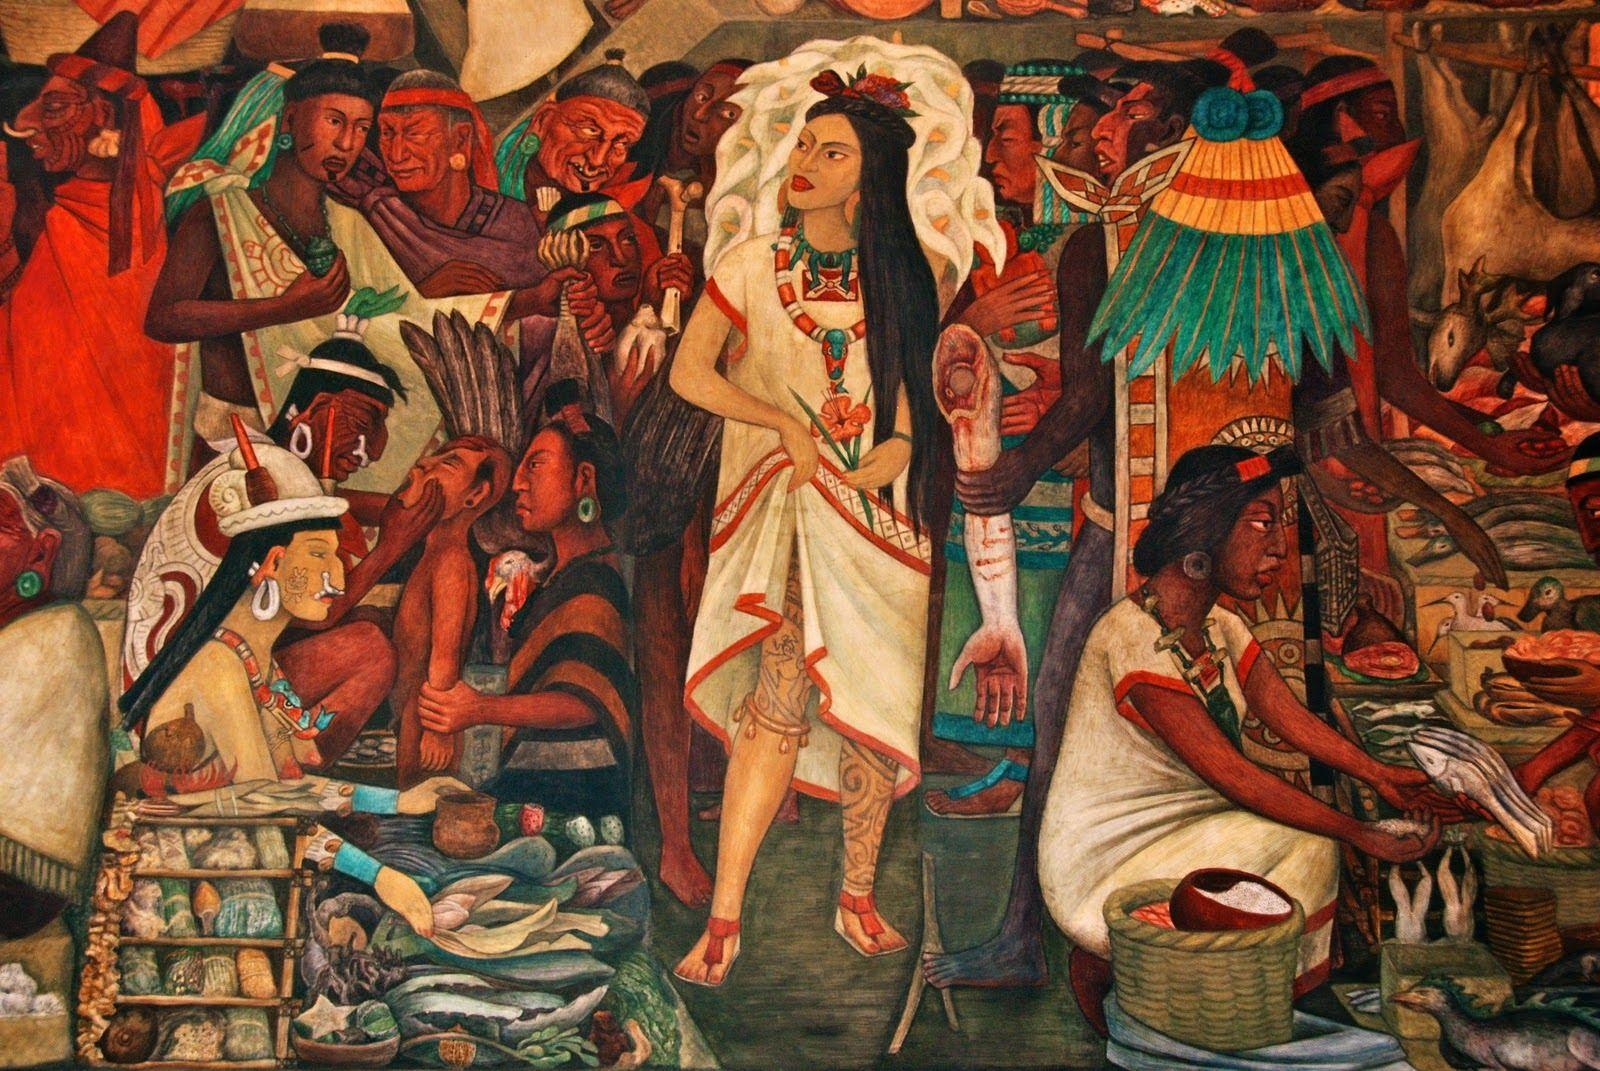 Diego Rivera: La Malinche